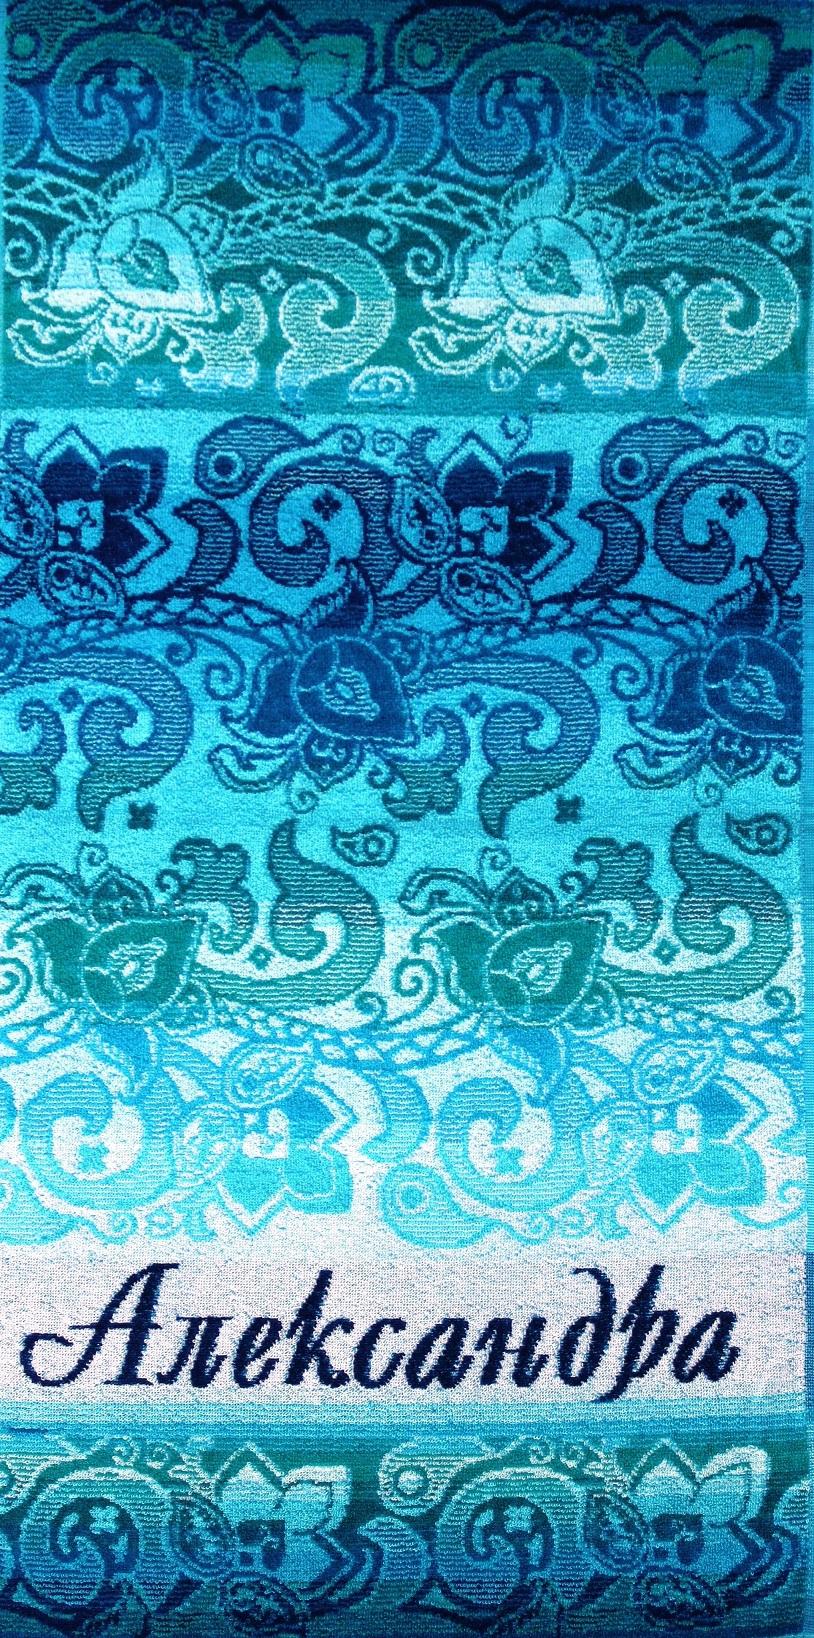 Полотенце махровое Женские именаДля всей семьи<br><br><br>Размер: Светлана